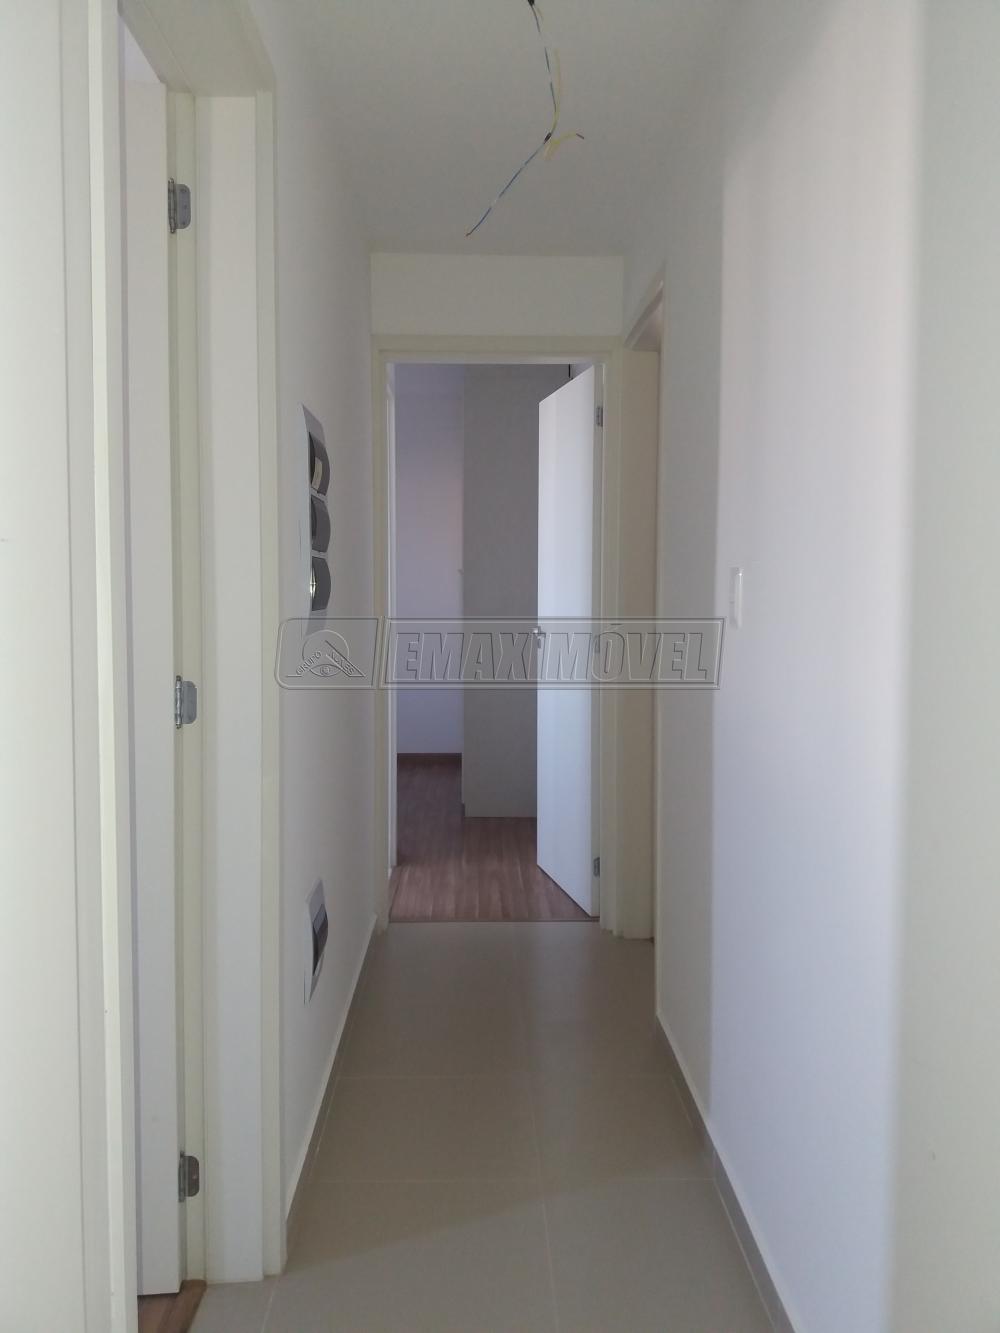 Alugar Apartamentos / Apto Padrão em Sorocaba apenas R$ 3.300,00 - Foto 11